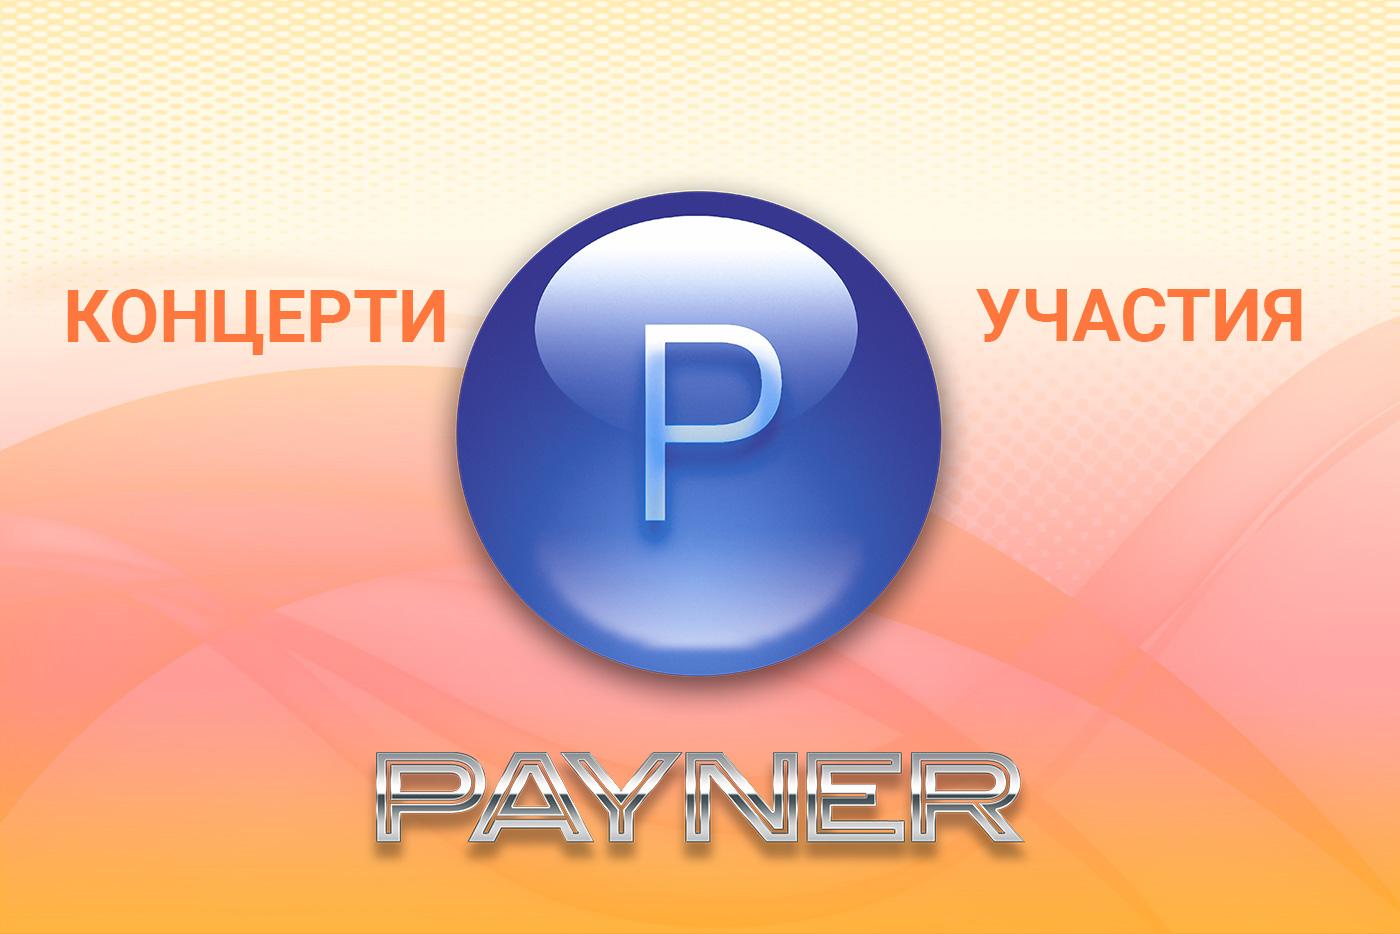 """Участия на звездите на """"Пайнер"""" на 15.02.2019"""